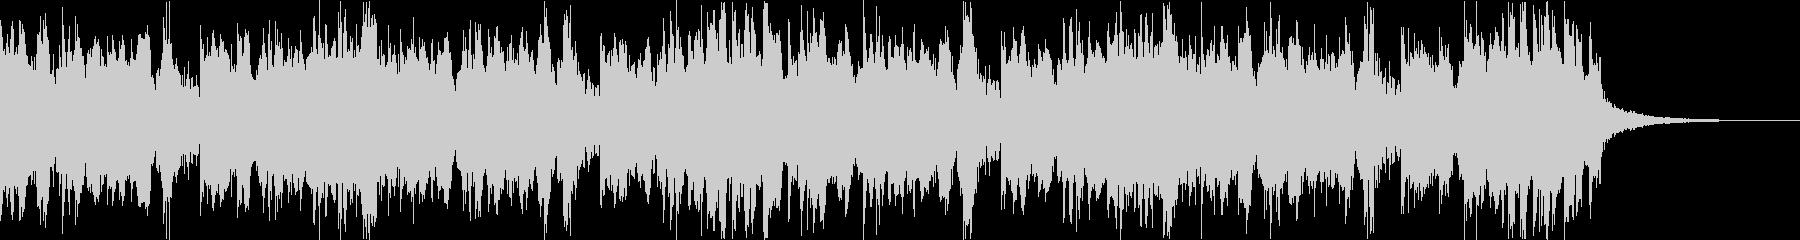 スタイリッシュ・アグレッシブエレクトロcの未再生の波形